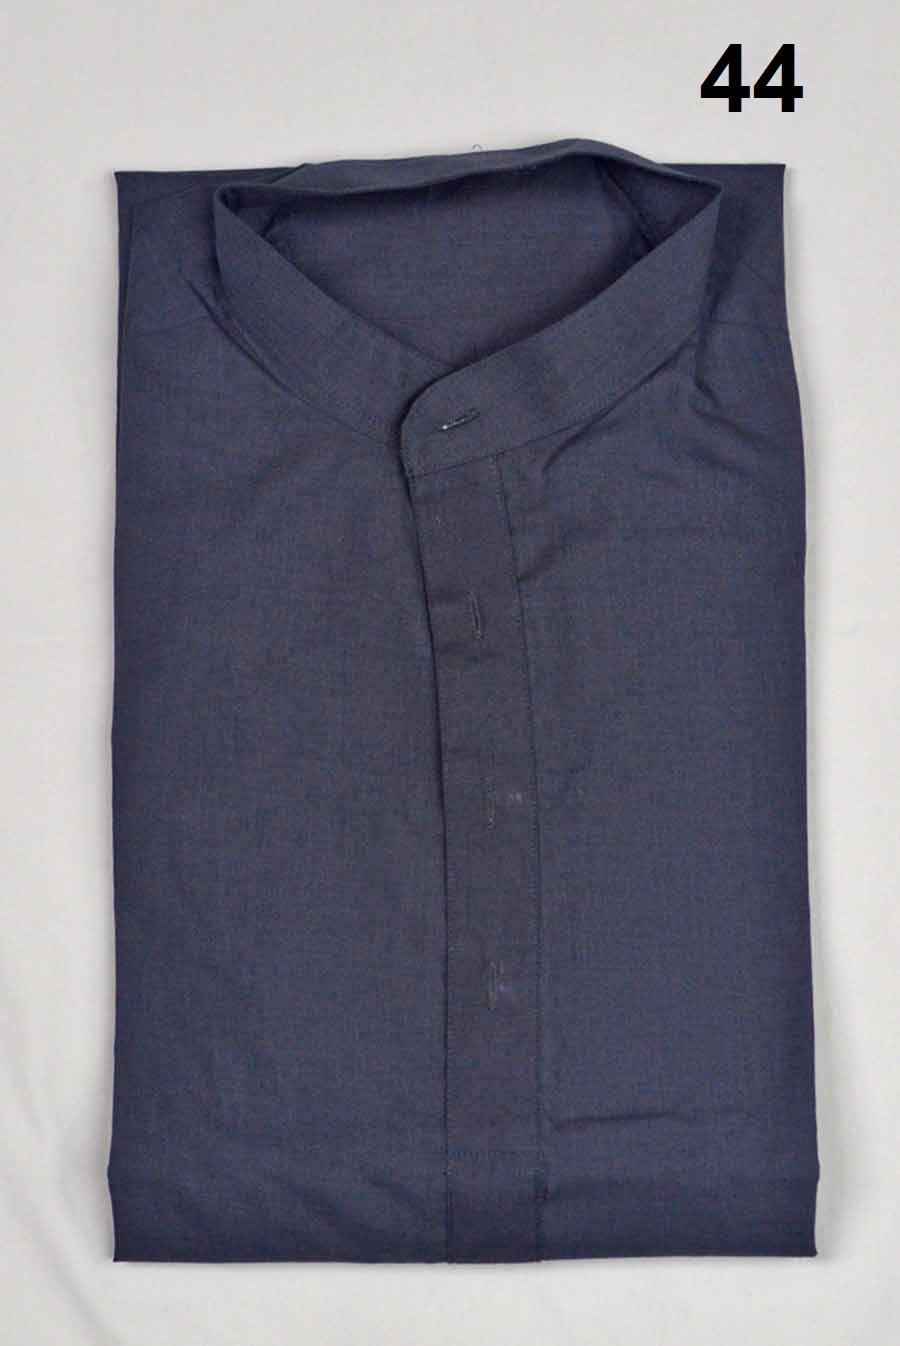 Cotton Kurta 9149 - 44